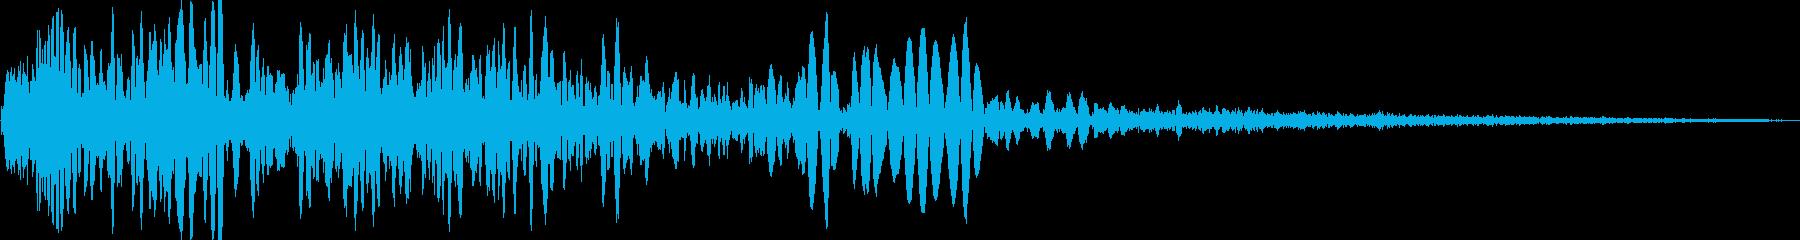 火炎放射器、ショートバーストの再生済みの波形